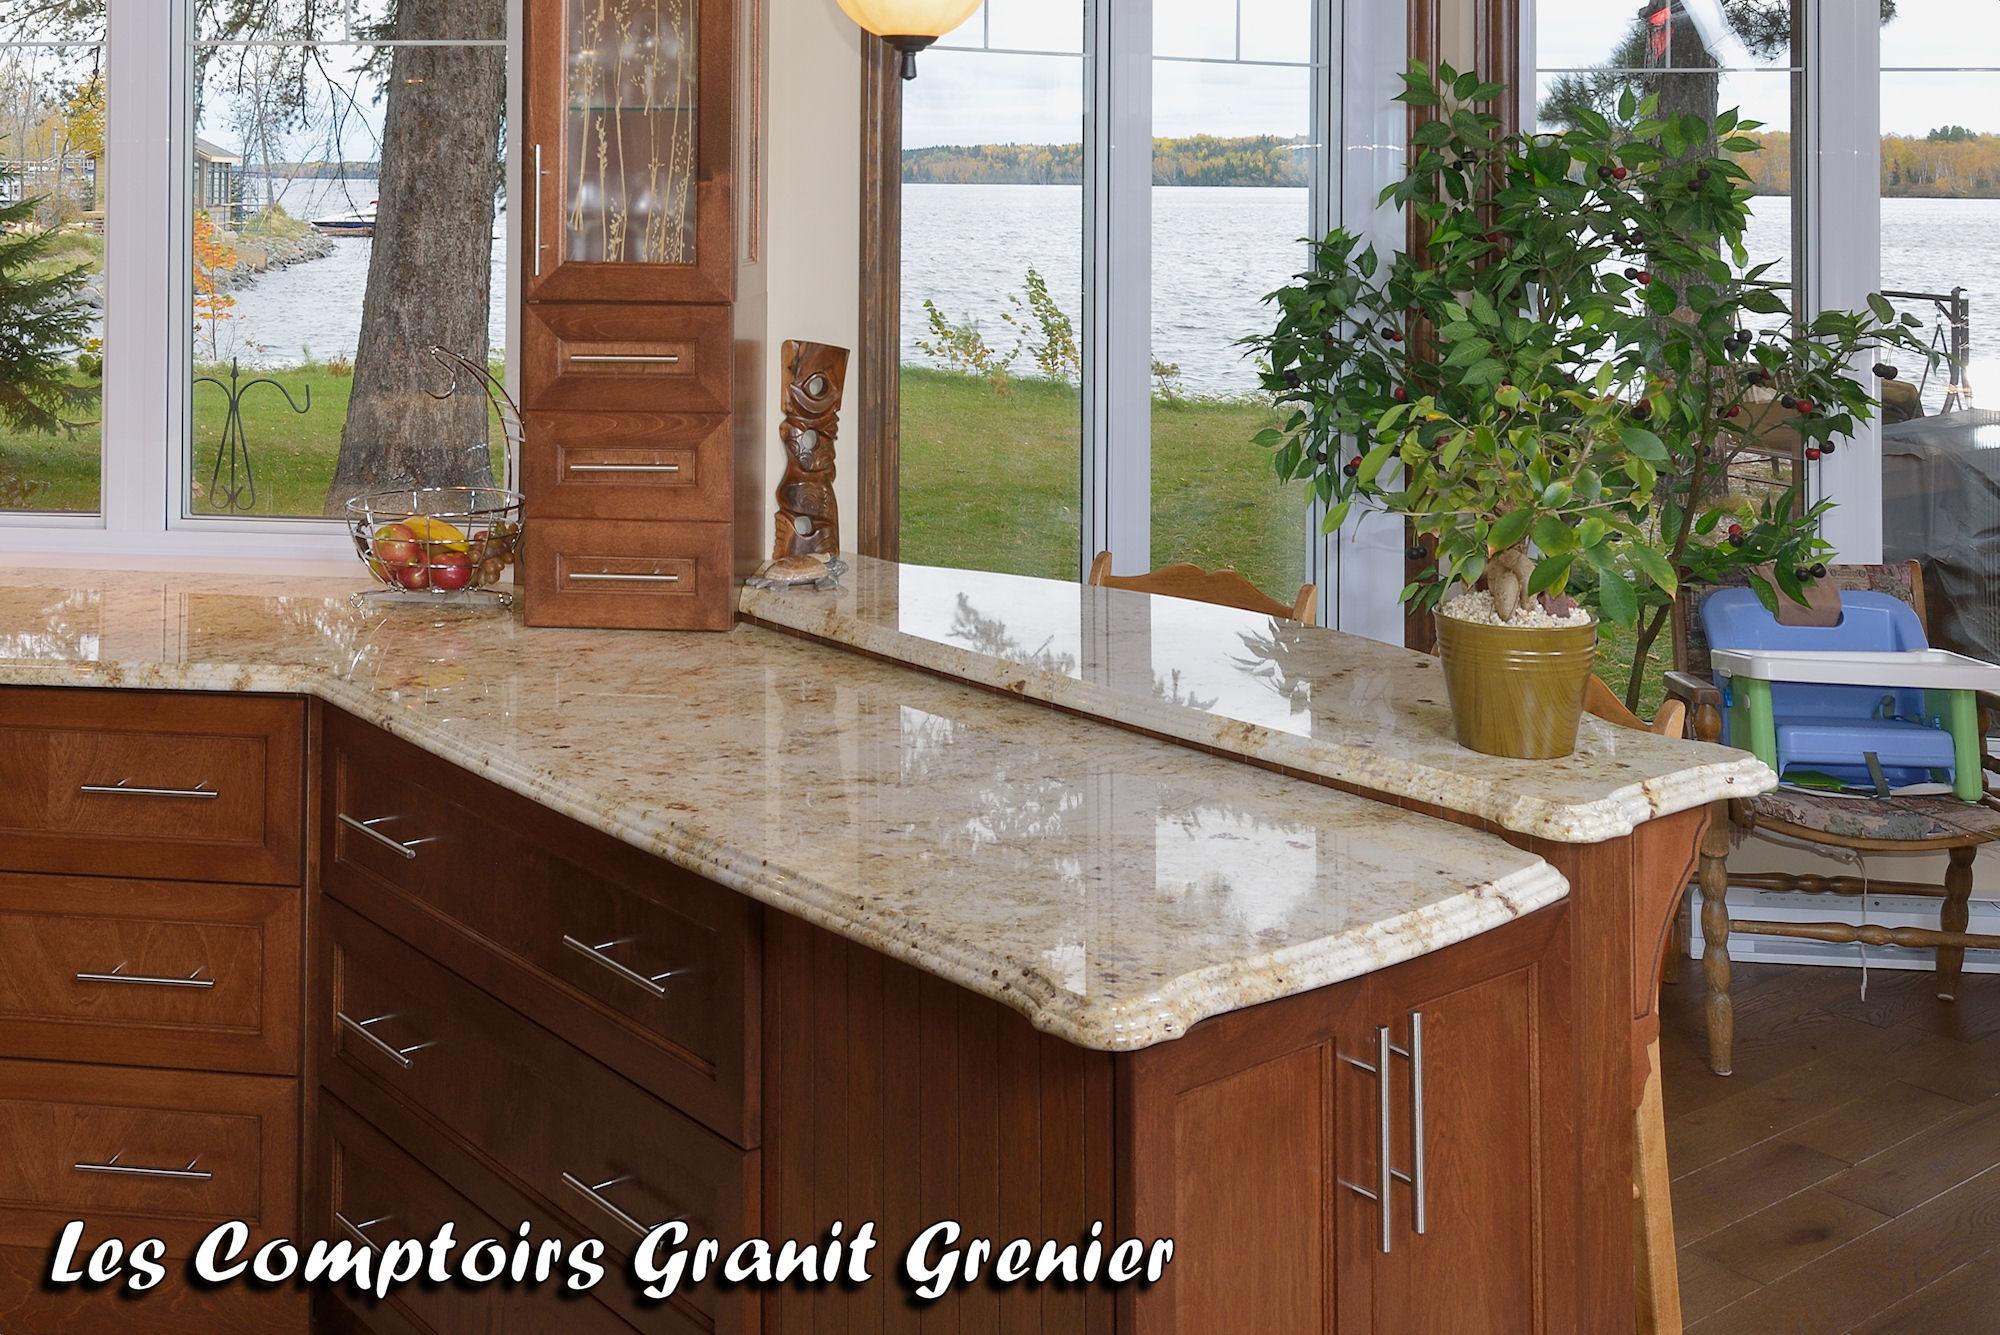 comptoir cuisine granit 002 large 30 Beau Comptoir De Cuisine Uqw1